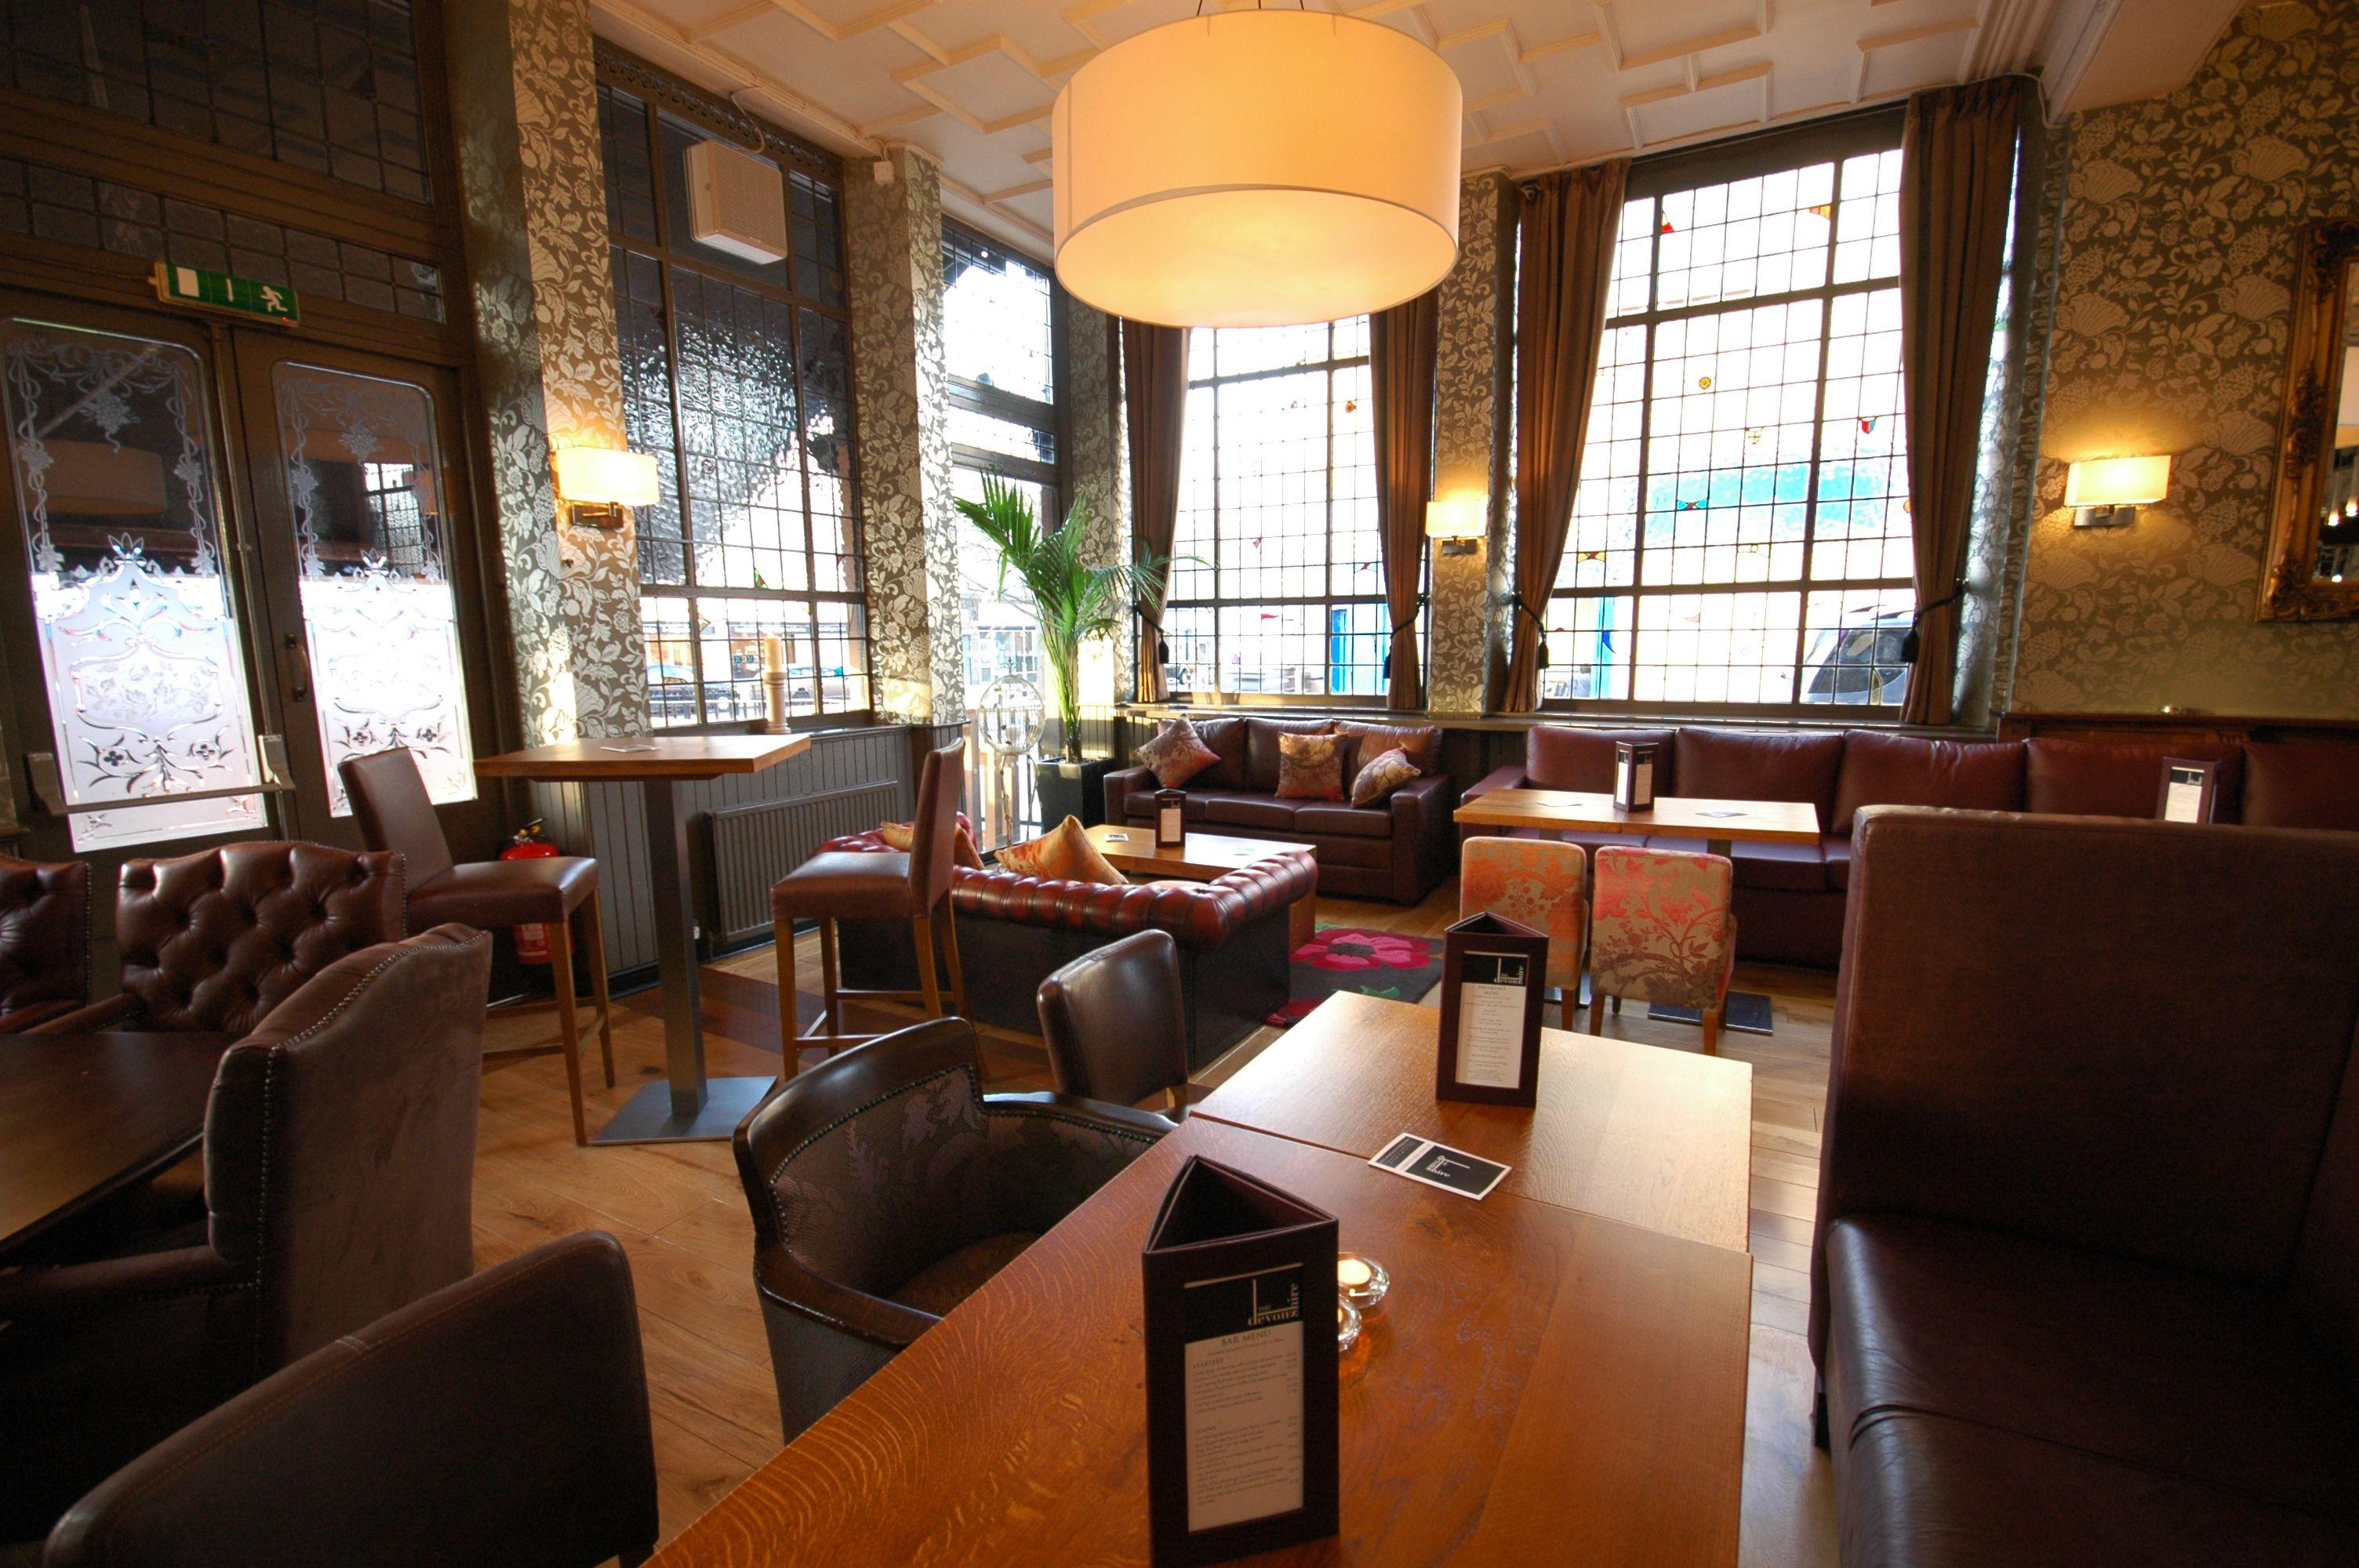 Gastro Pub Decor  Google Search - For The House